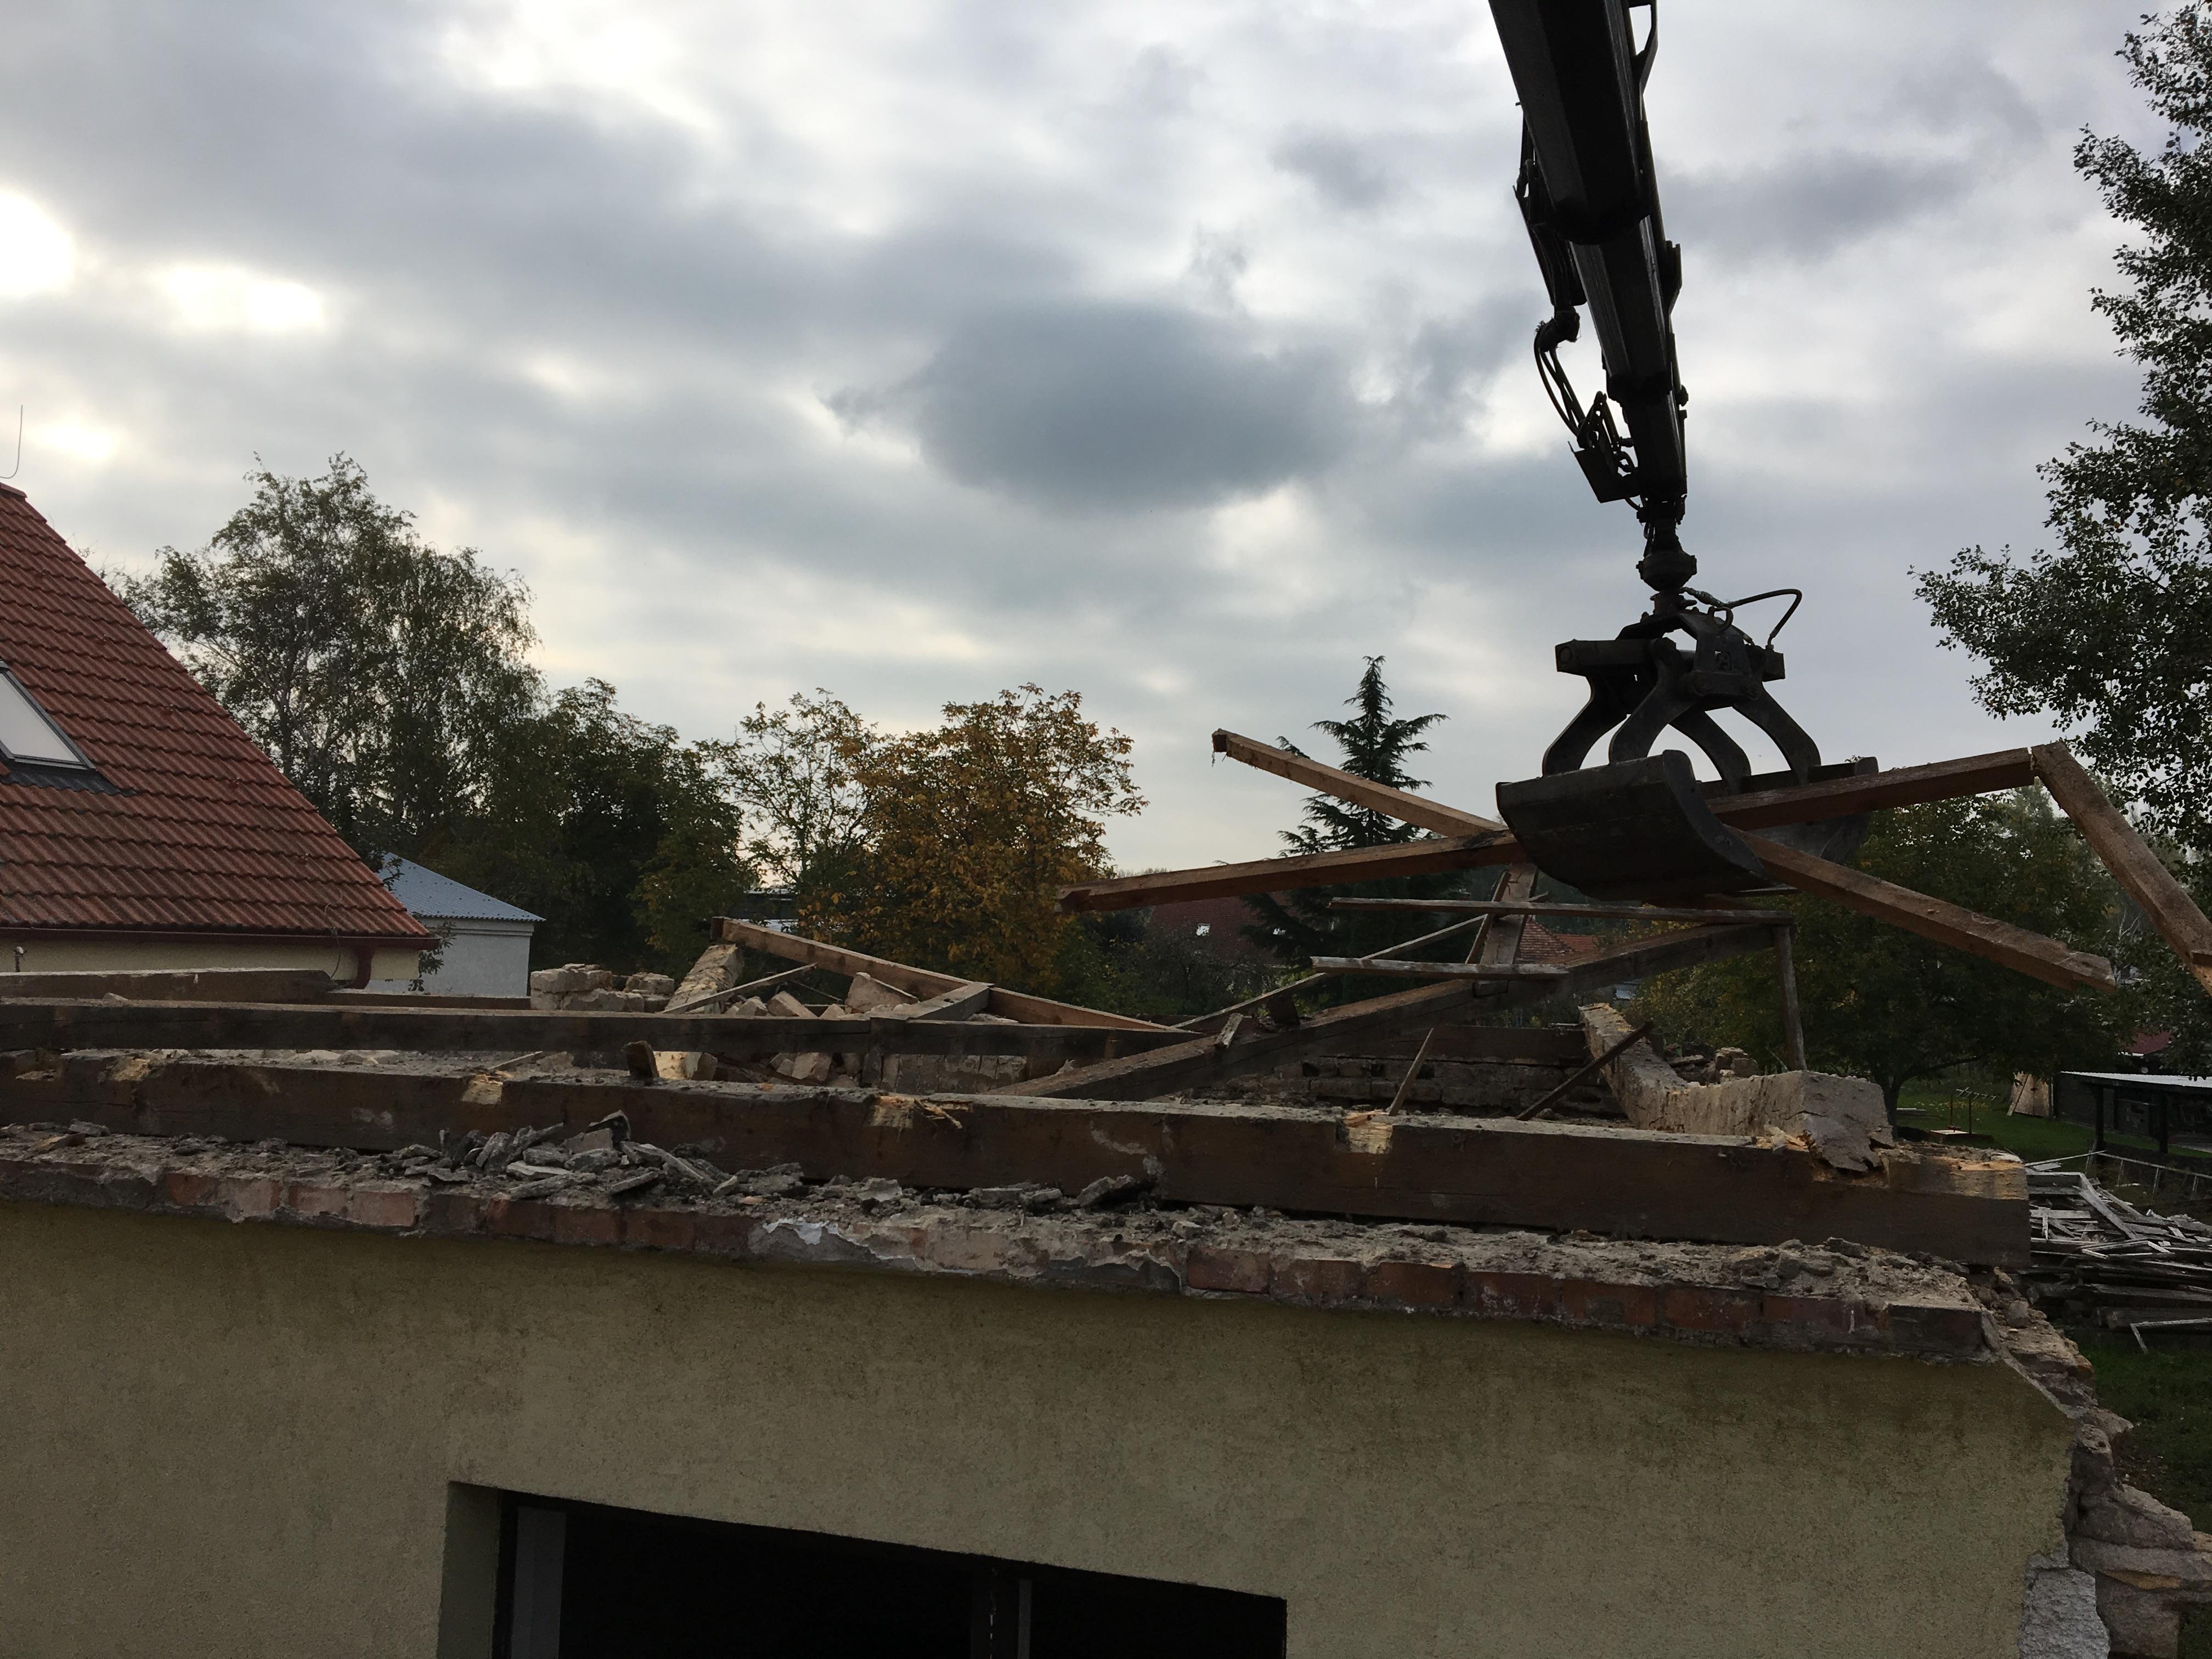 rozoberanie strechy drapákom